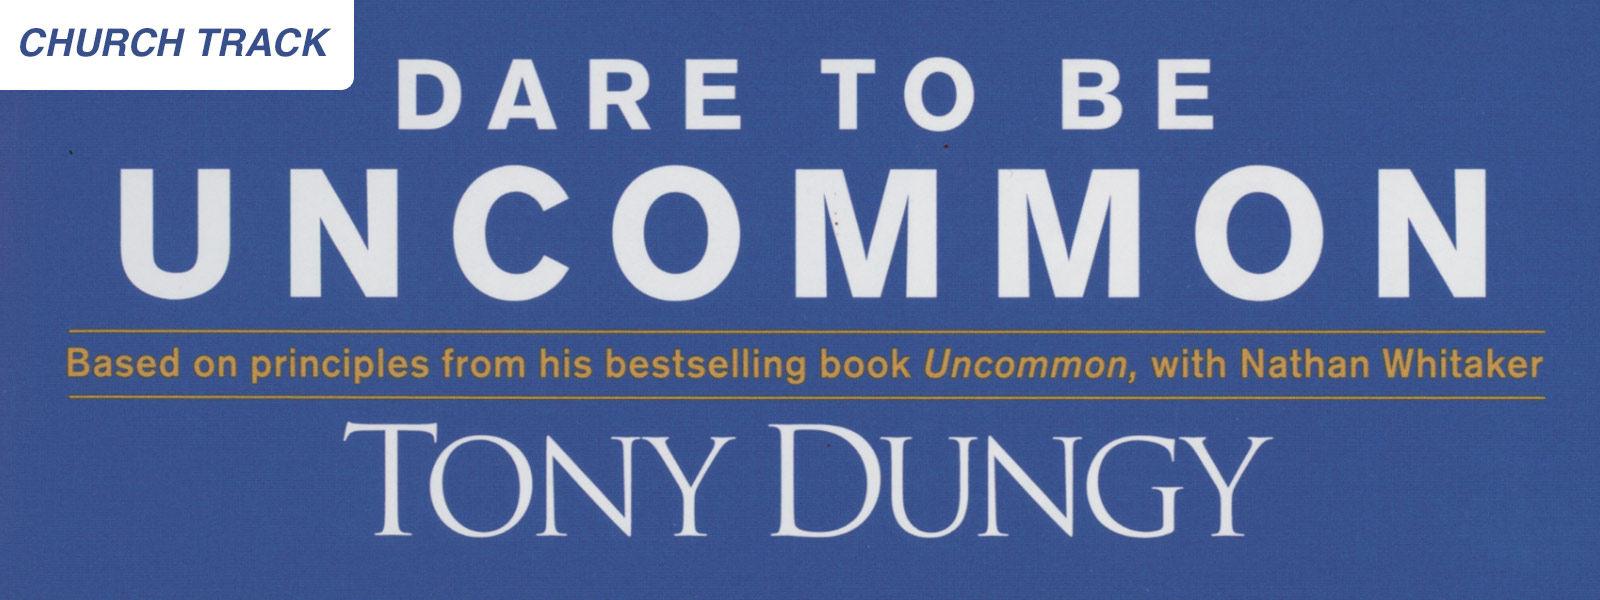 Dare to Be Uncommon (Church Track)